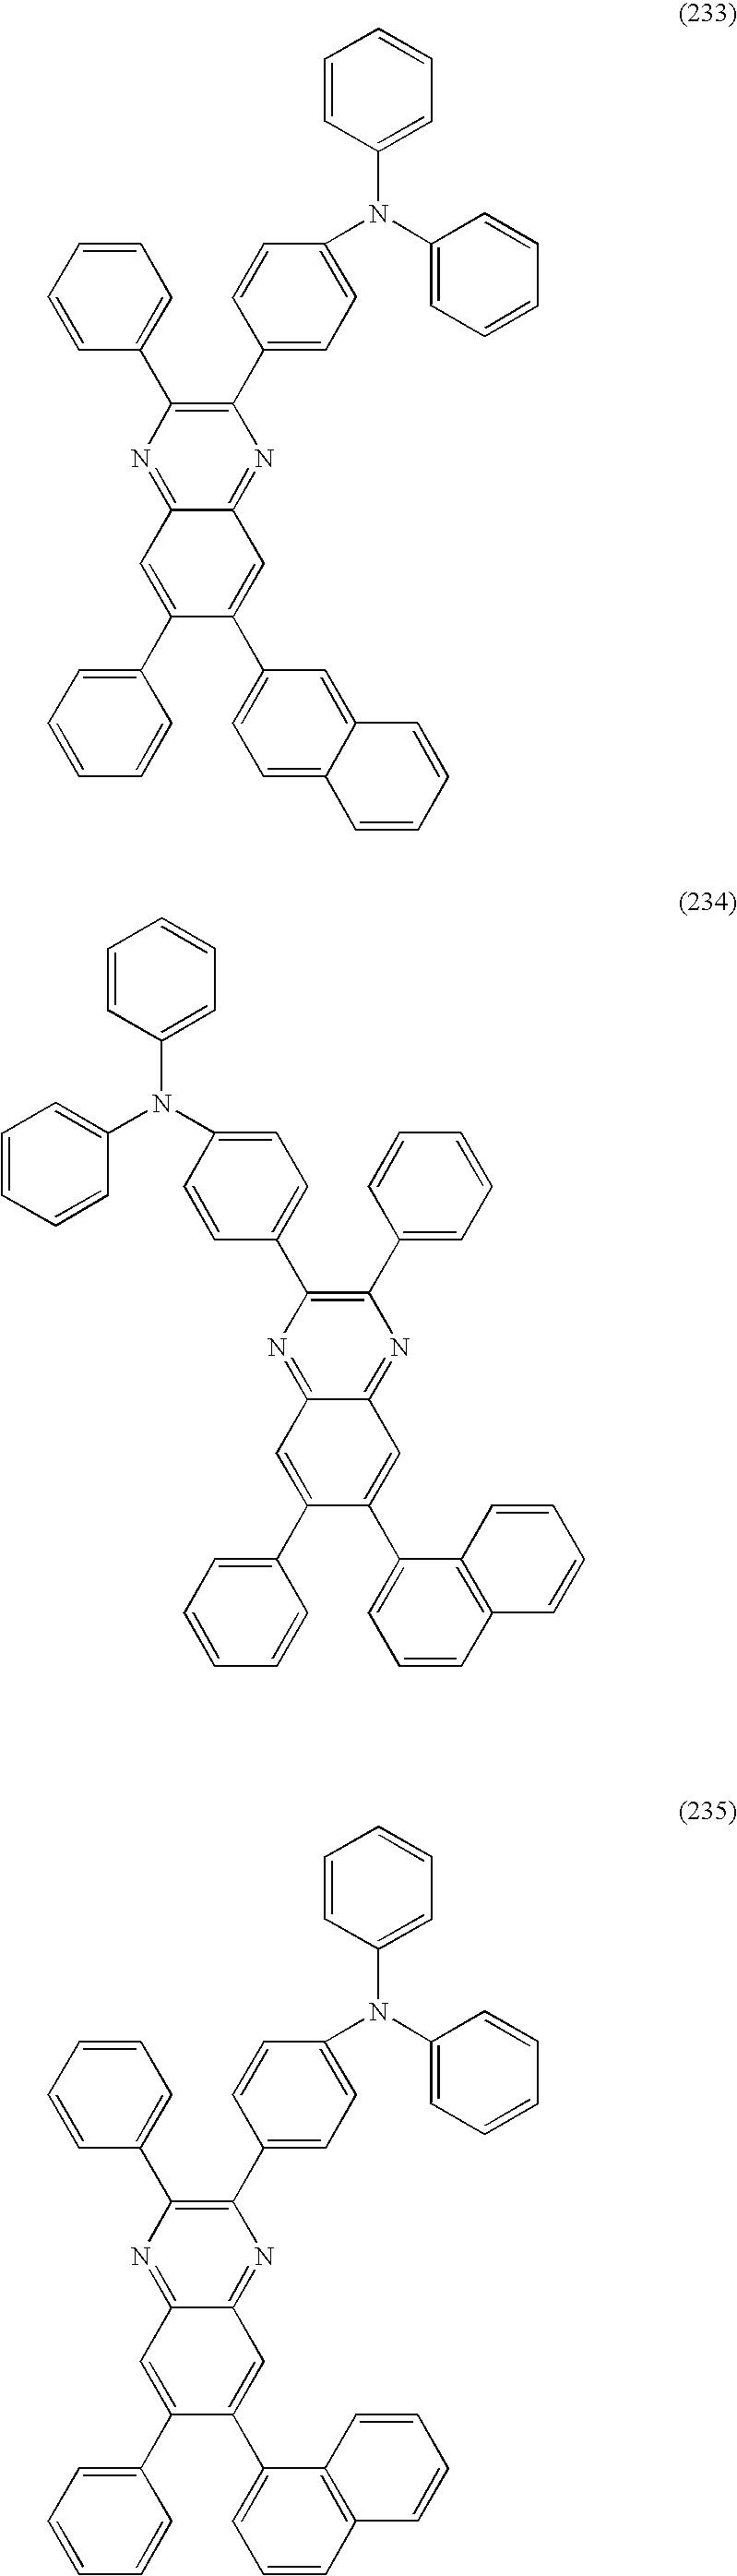 Figure US08178216-20120515-C00079